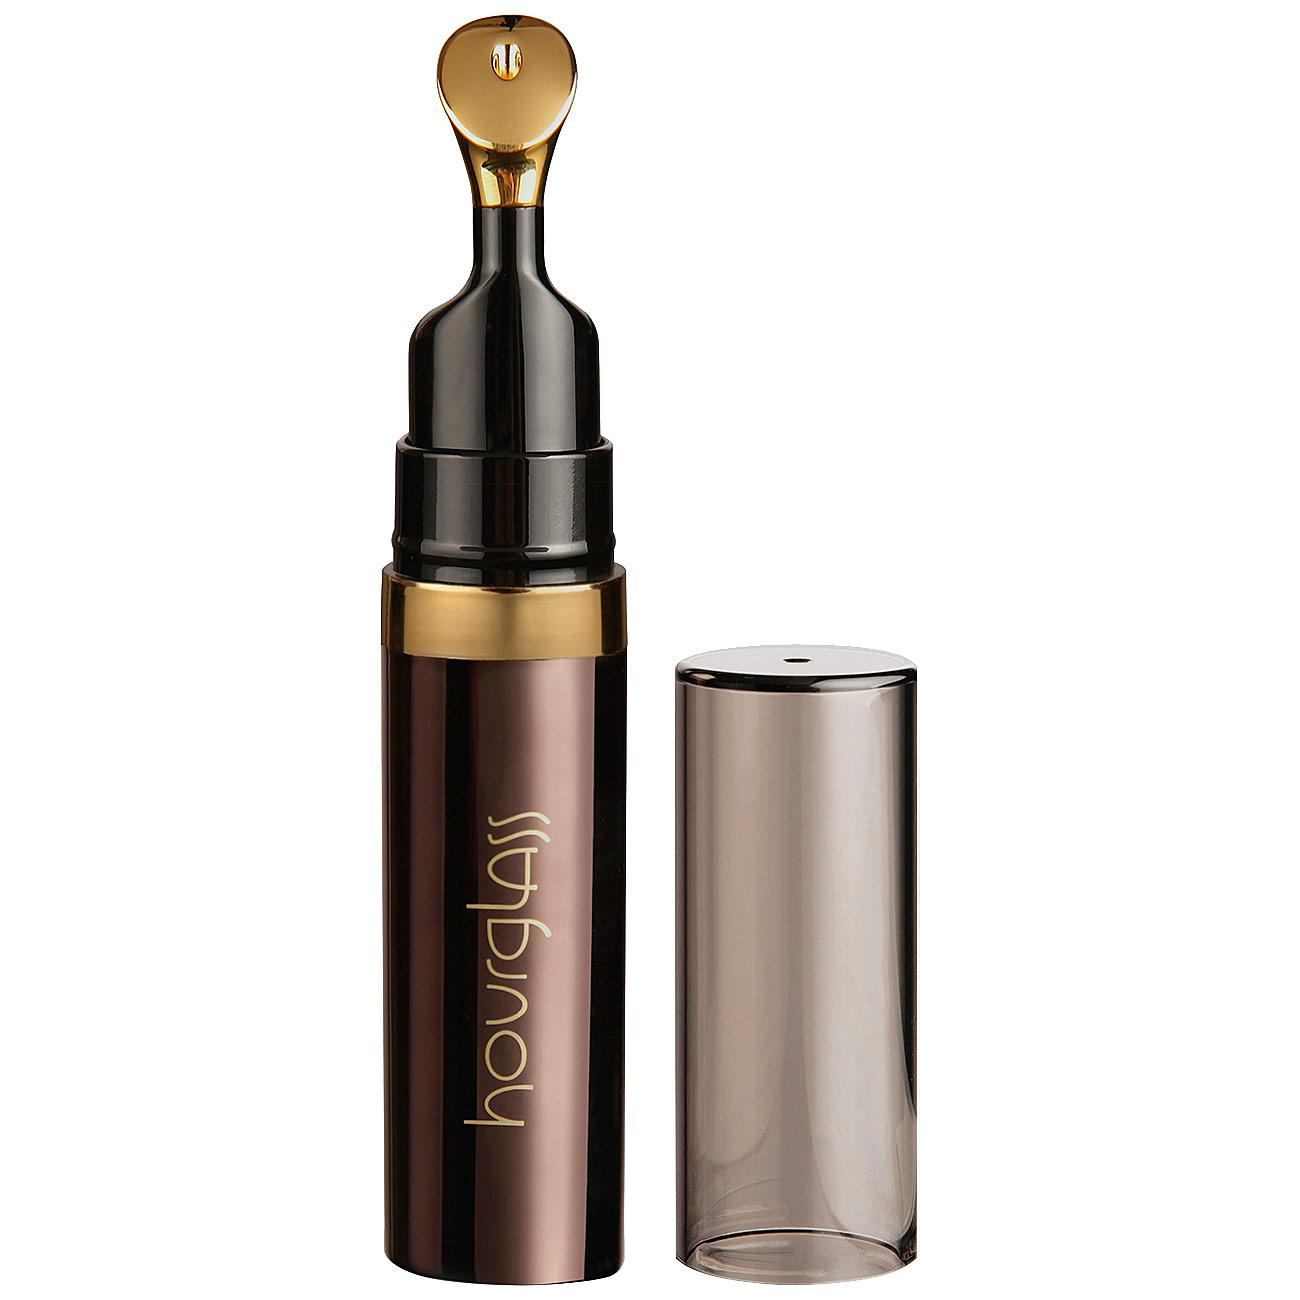 N° 28 Lip Treatment Oil